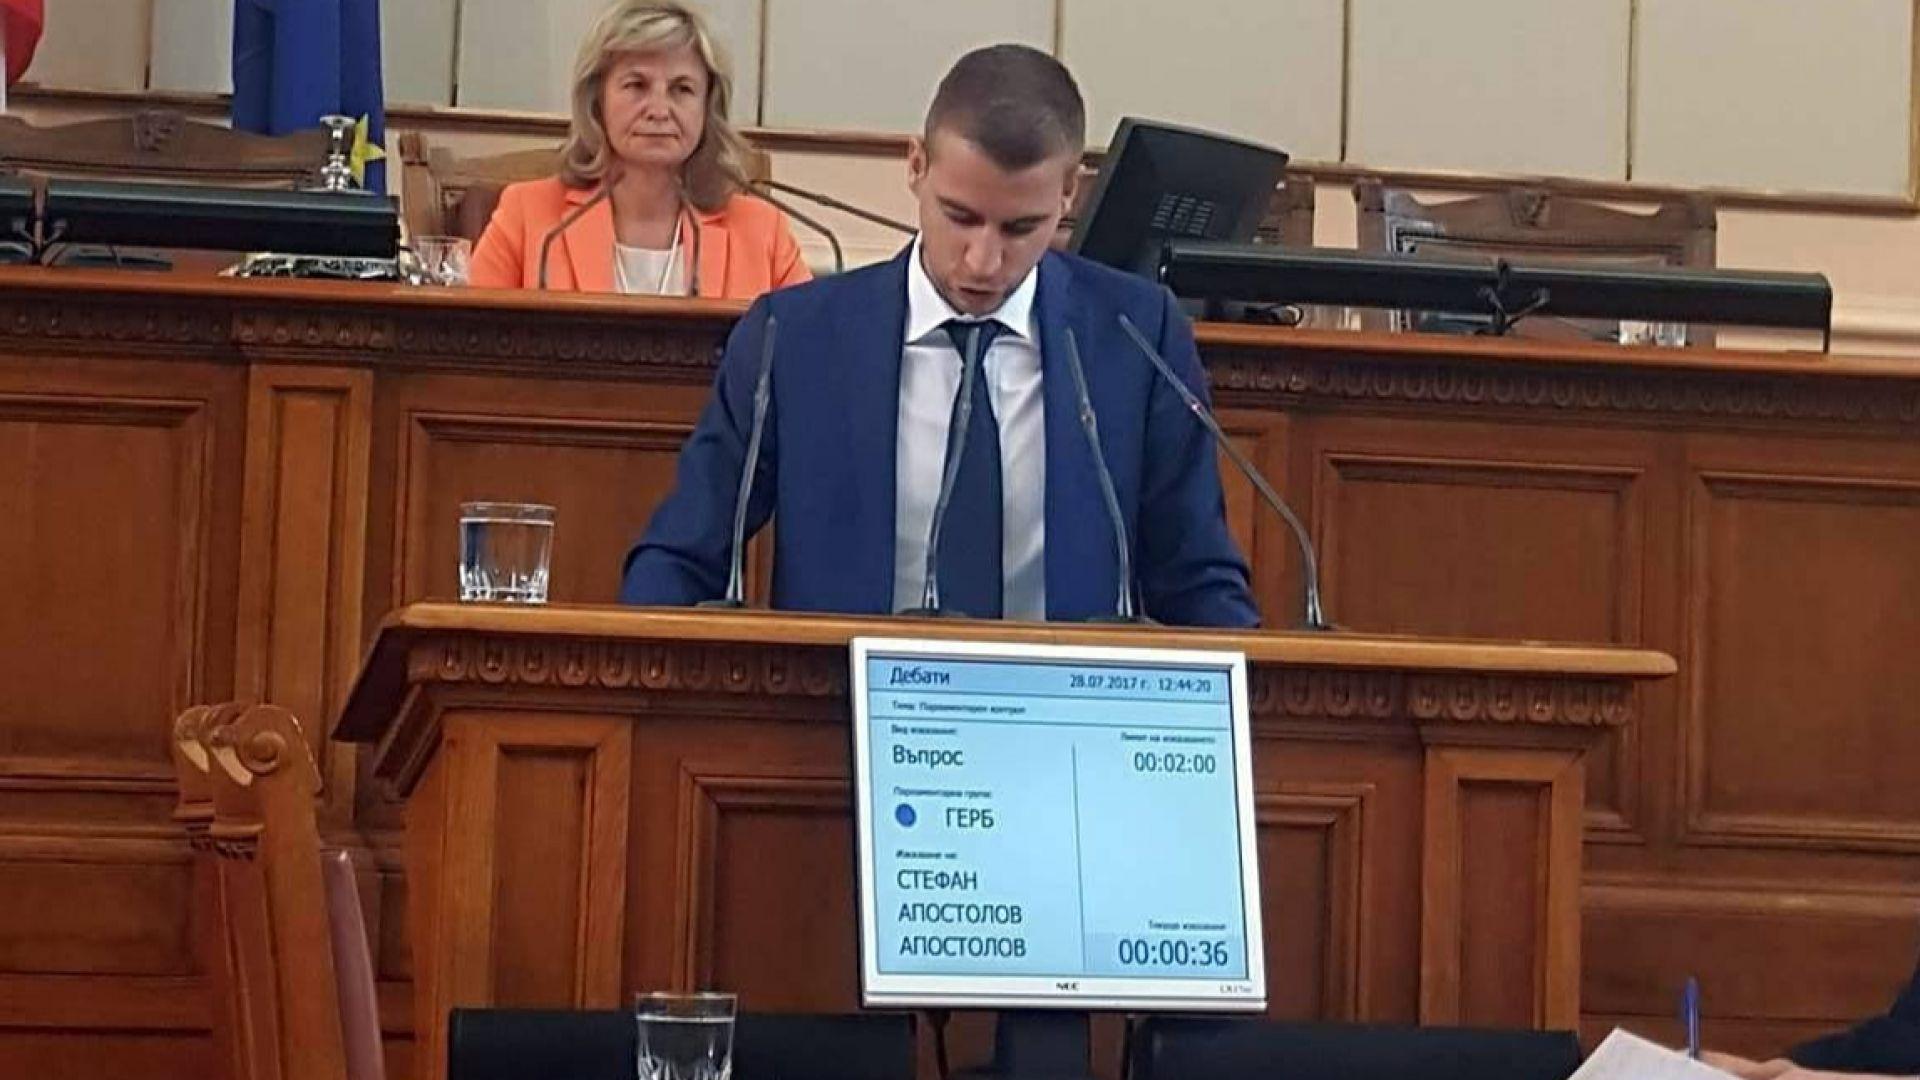 Депутатът със сричките: Човешко е да се греши, владея 2 езика и мога да чета (видео)